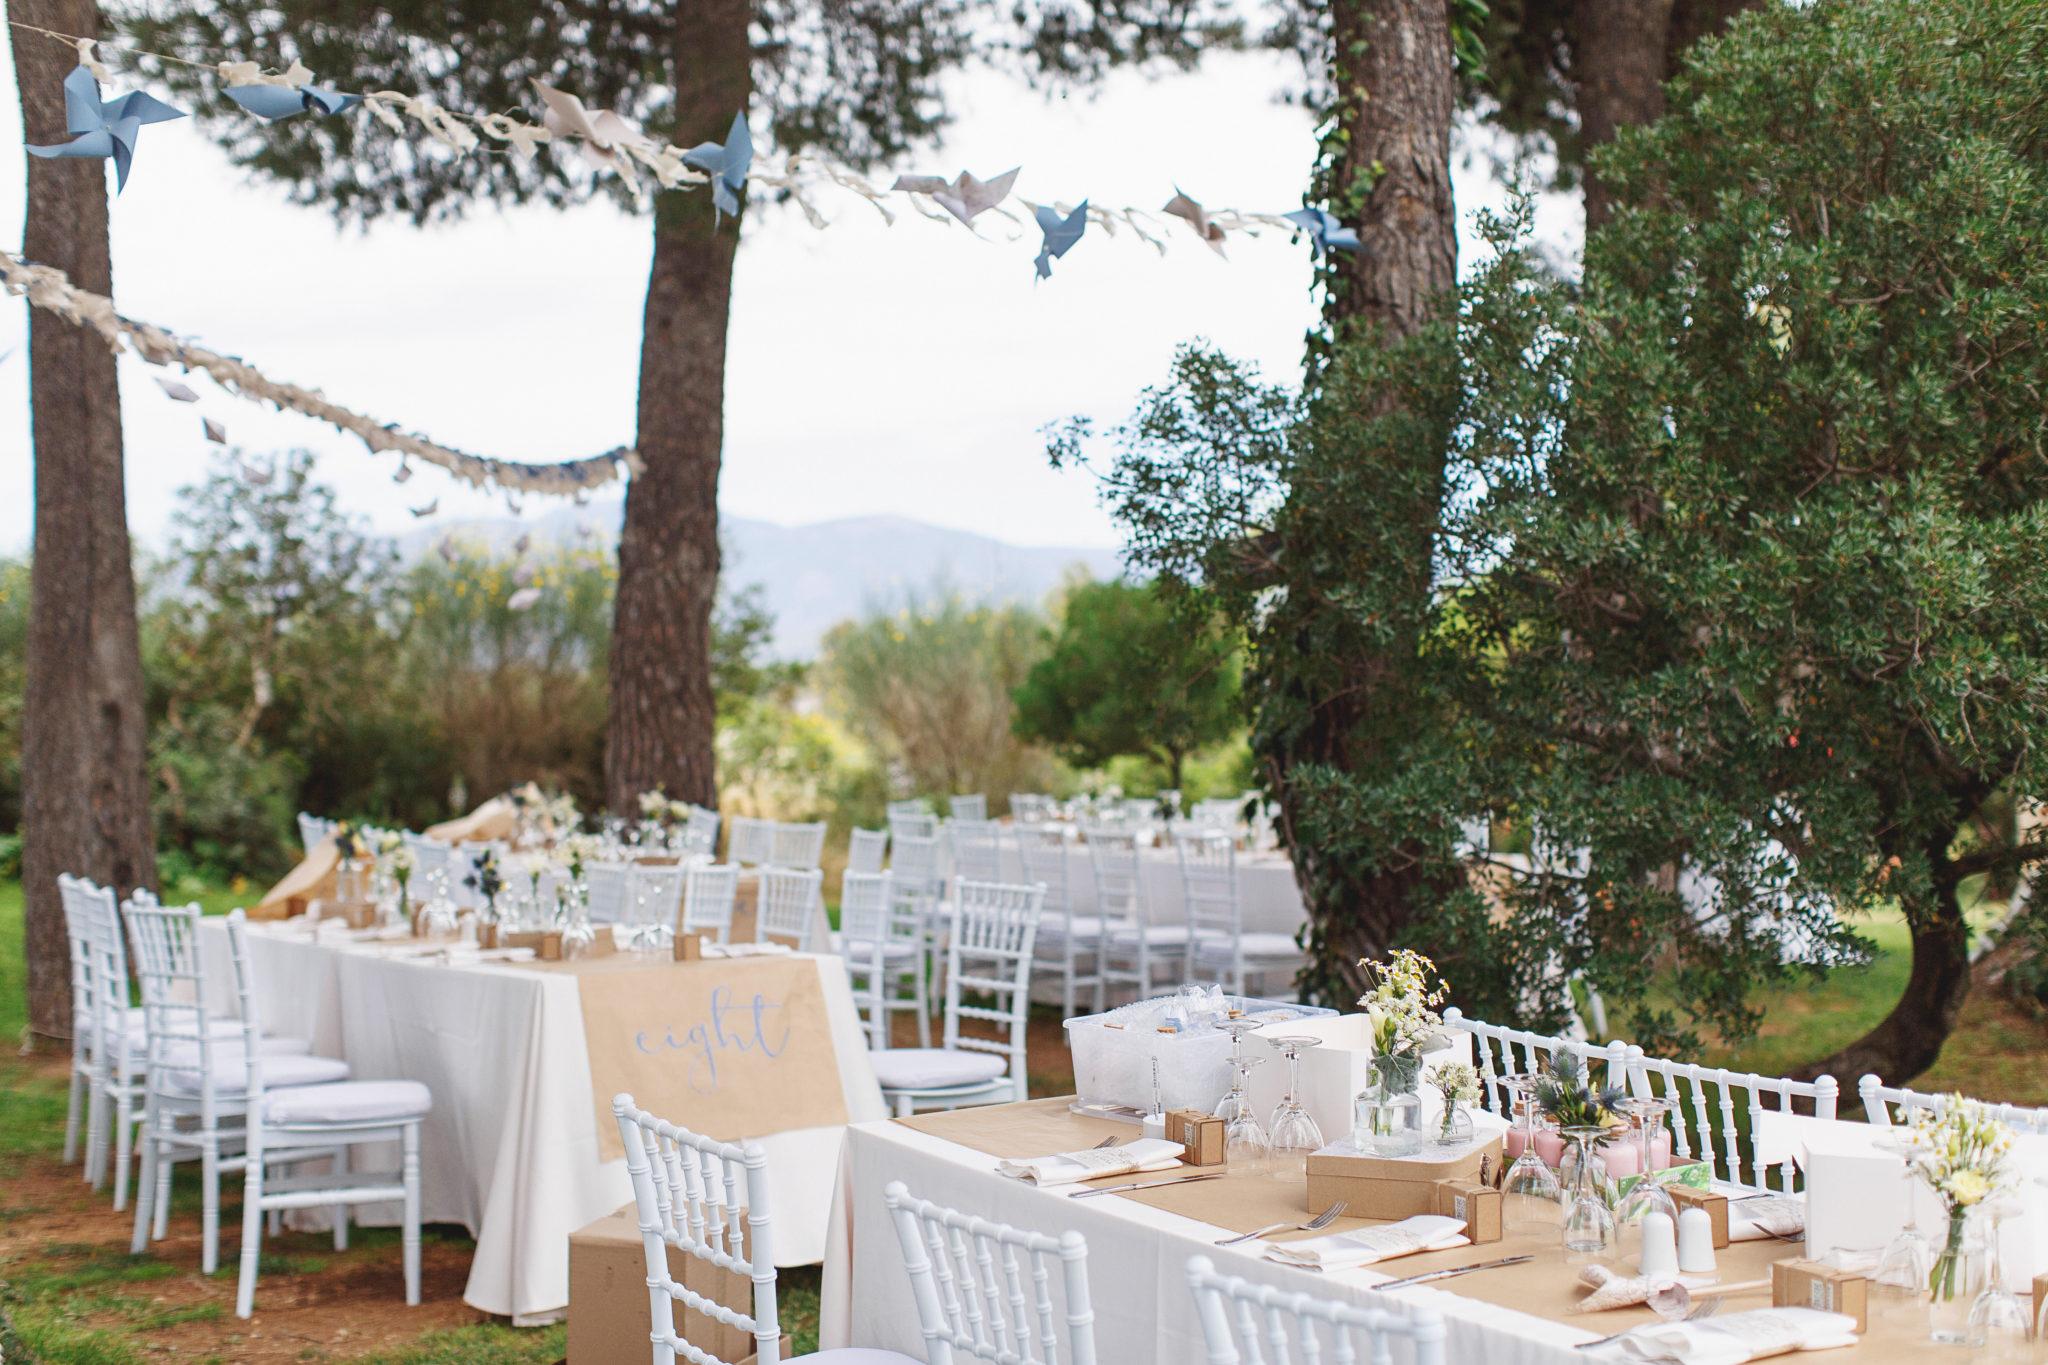 Δώσε στο γάμο σου την ωραιότερη γεύση Η αναζήτηση του catering και του ιδανικού χώρου για την τέλεια γαμήλια δεξίωση αποτελεί δύσκολη υπόθεση. Αφεθείτε στο Κτήμα Γ. Κοκοτού  ξέγνοιαστα, με την εγγύηση της InterCatering!